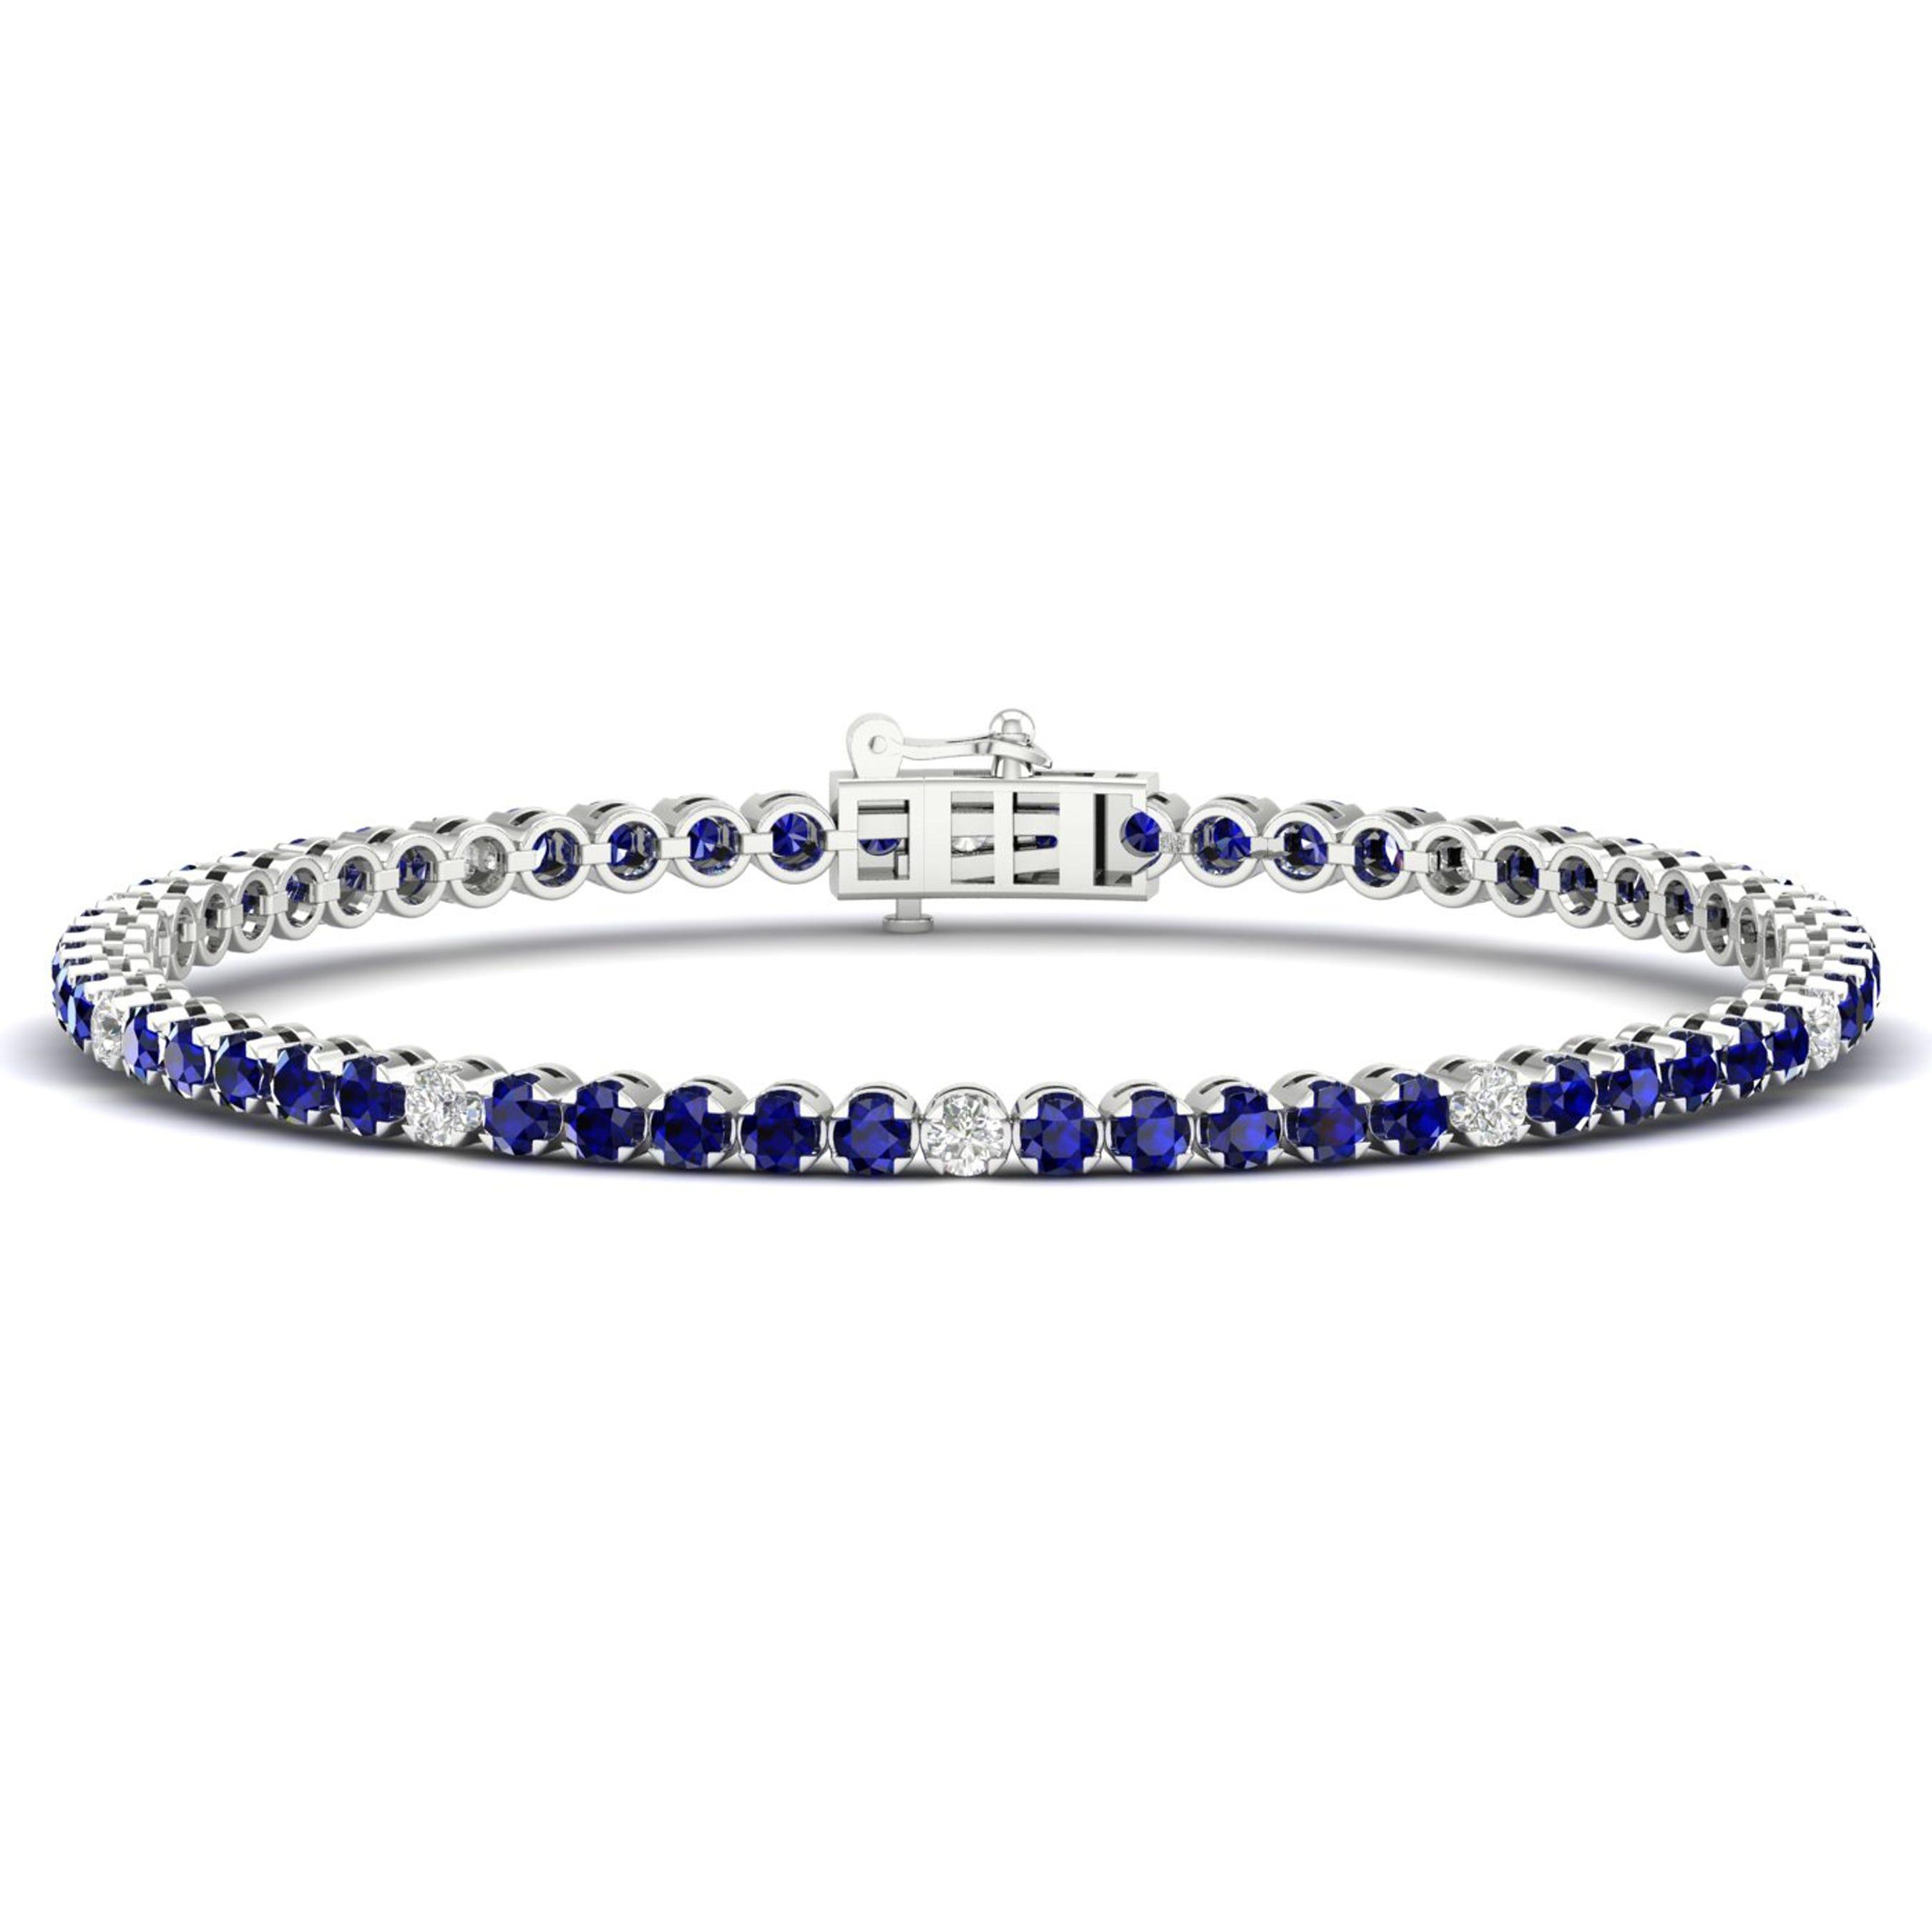 Blue Sapphire Tennis Bracelet in 10k White Gold